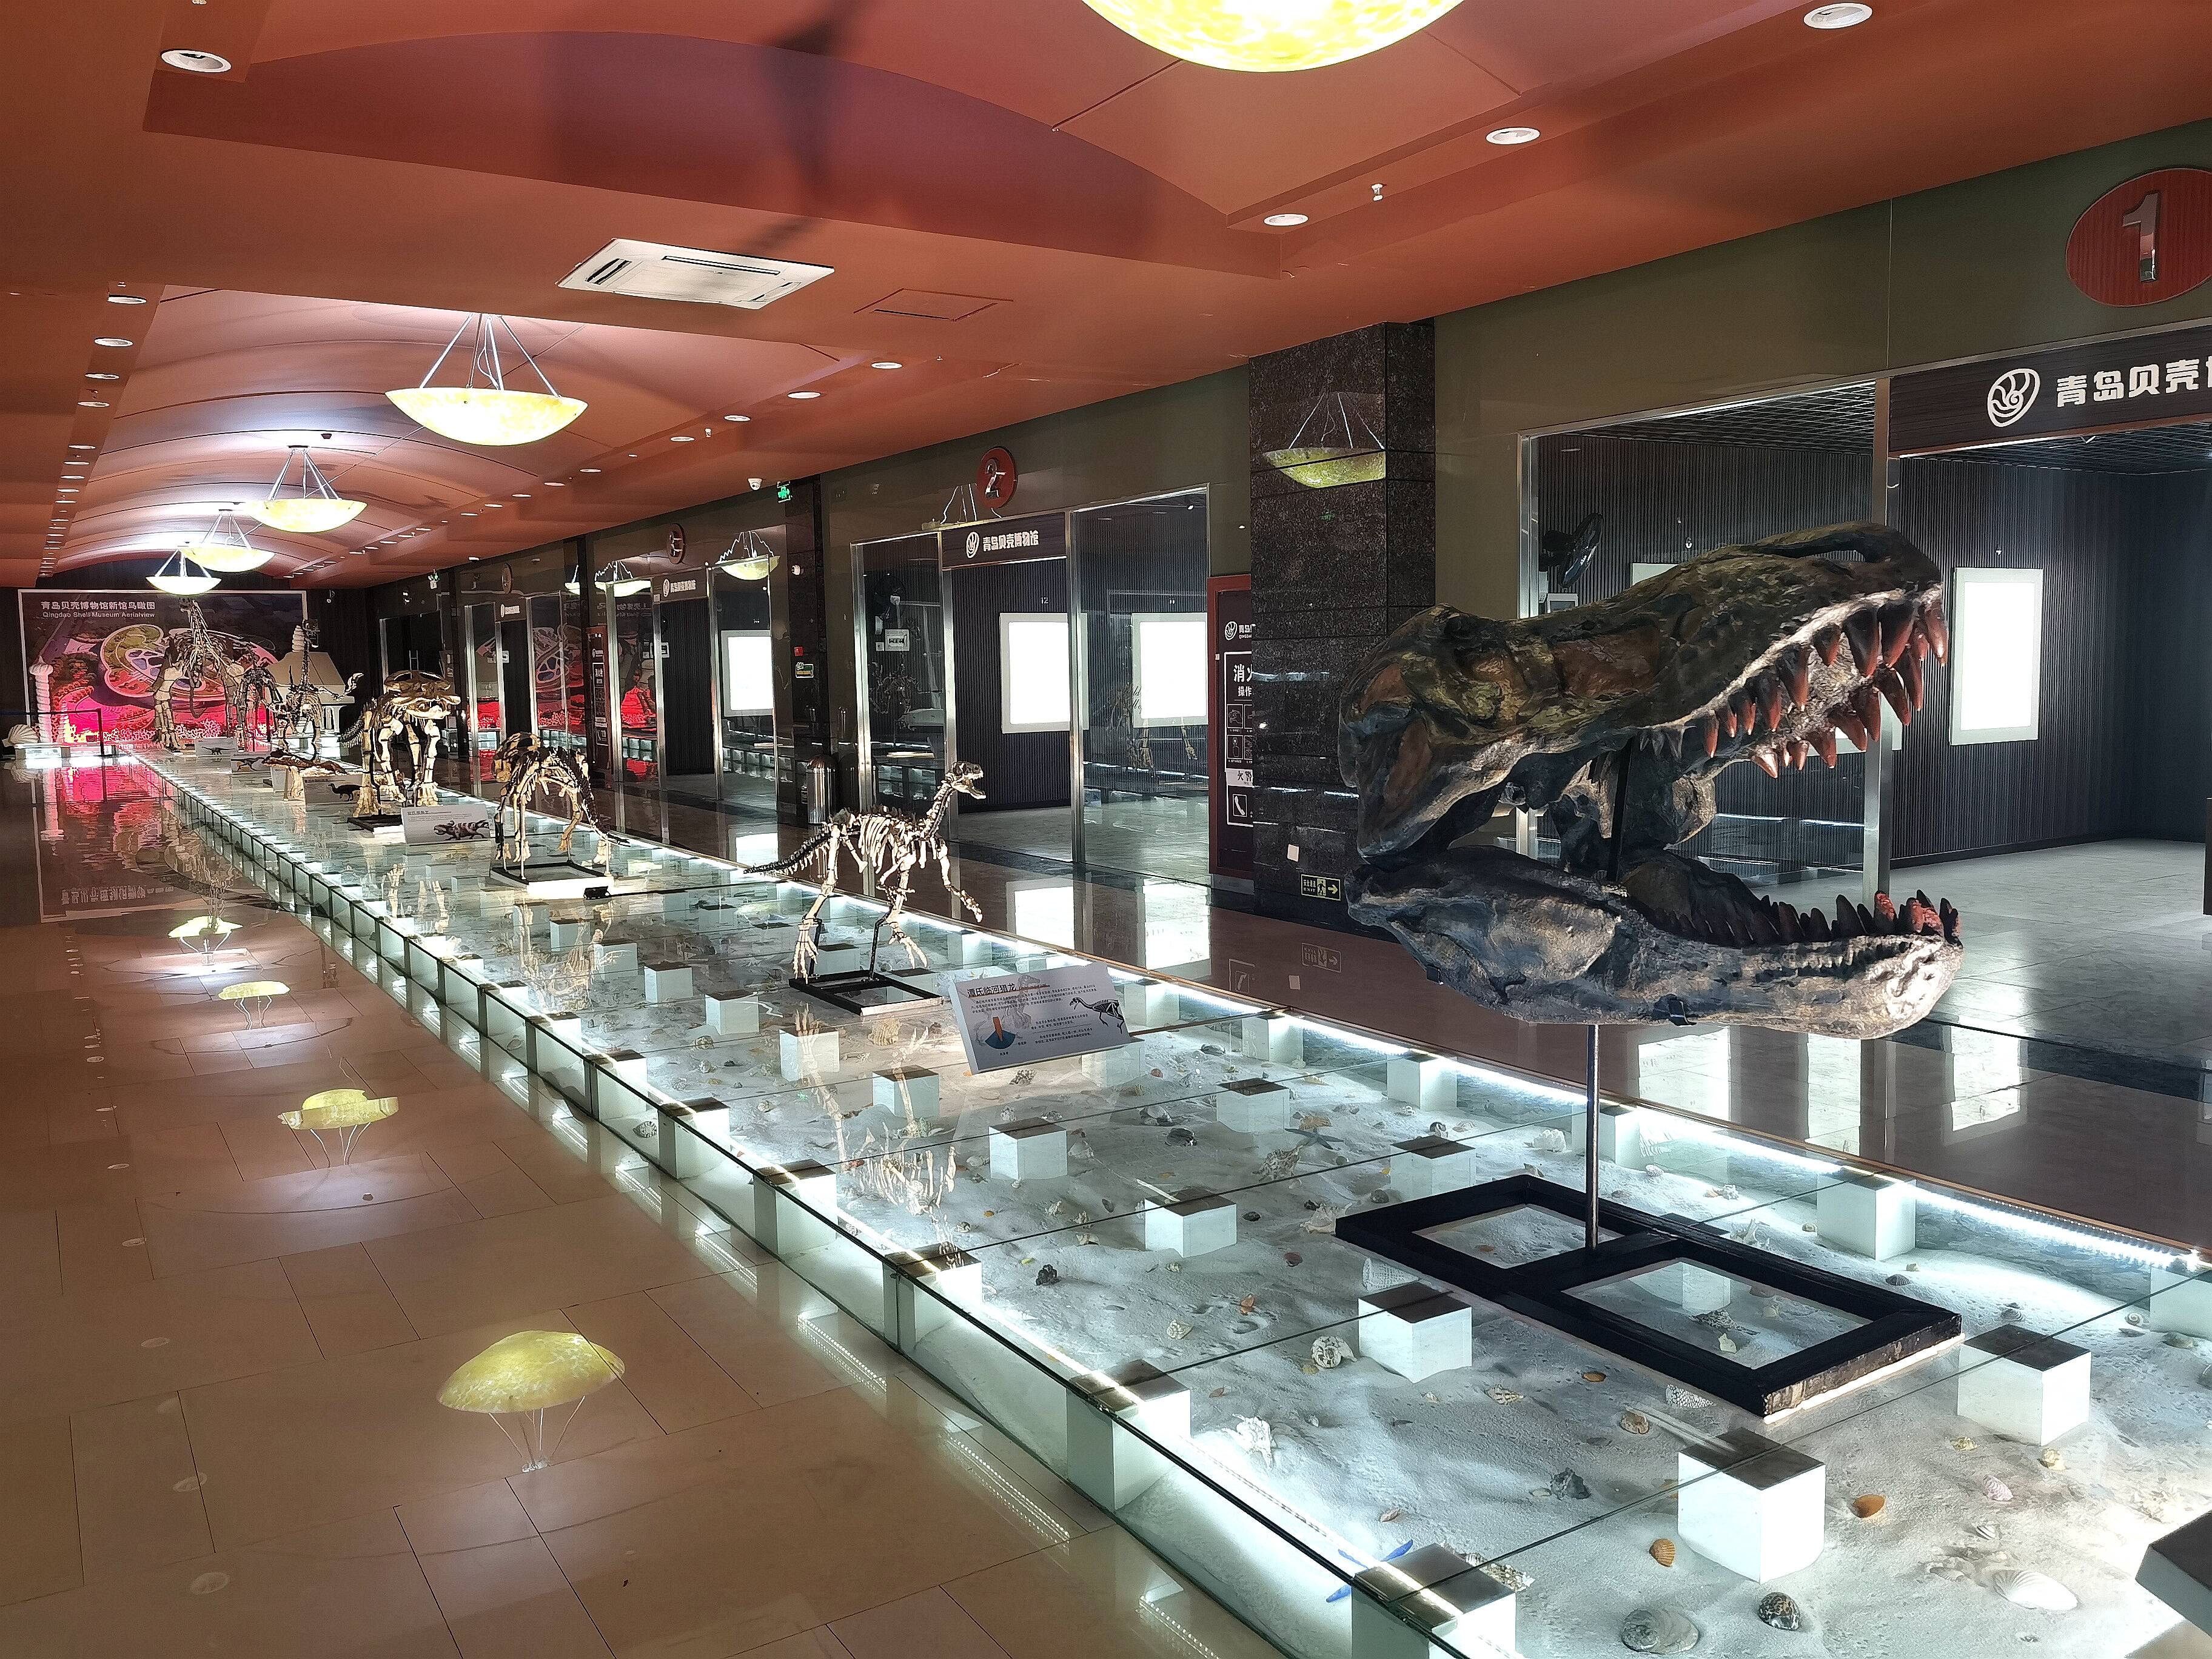 青岛贝壳博物馆沙滩T台上陈列着七种恐龙标本。